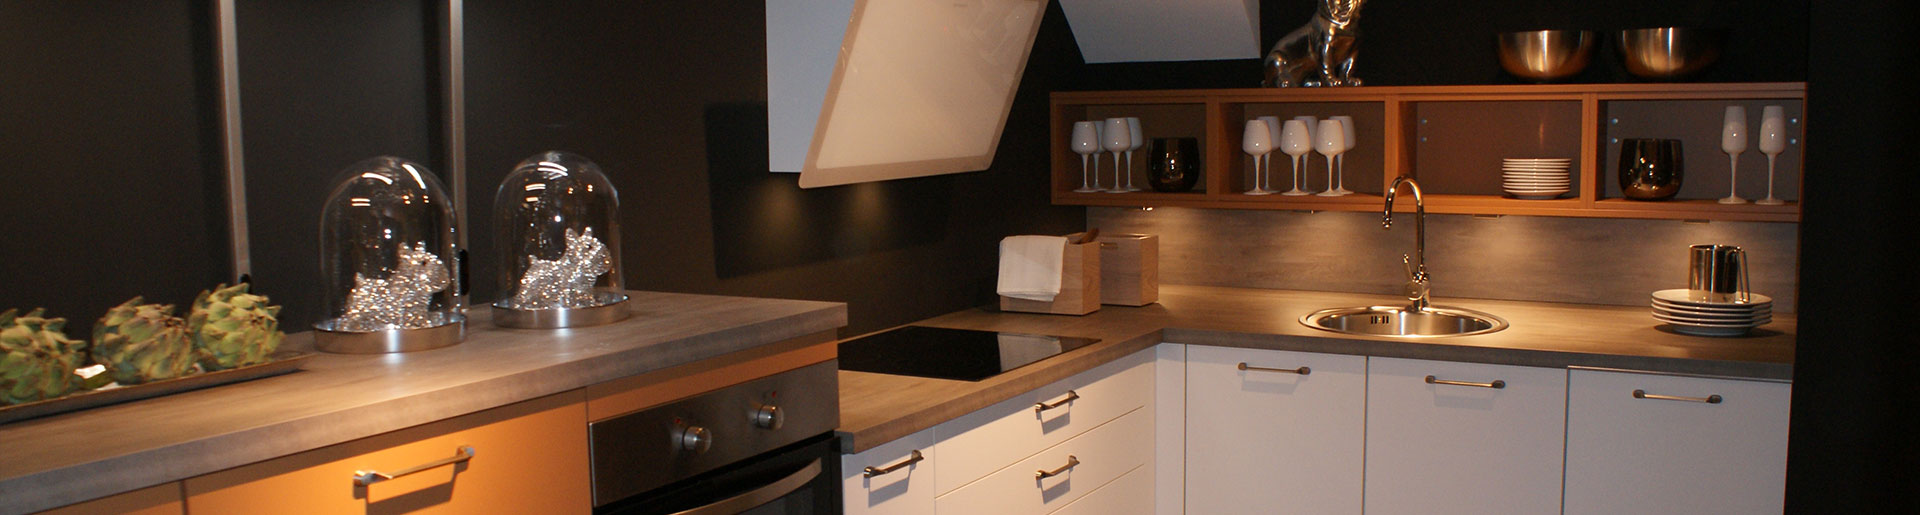 Weiße Küche mit Holzarbeitsfläche im Küchenstudio Cottbus